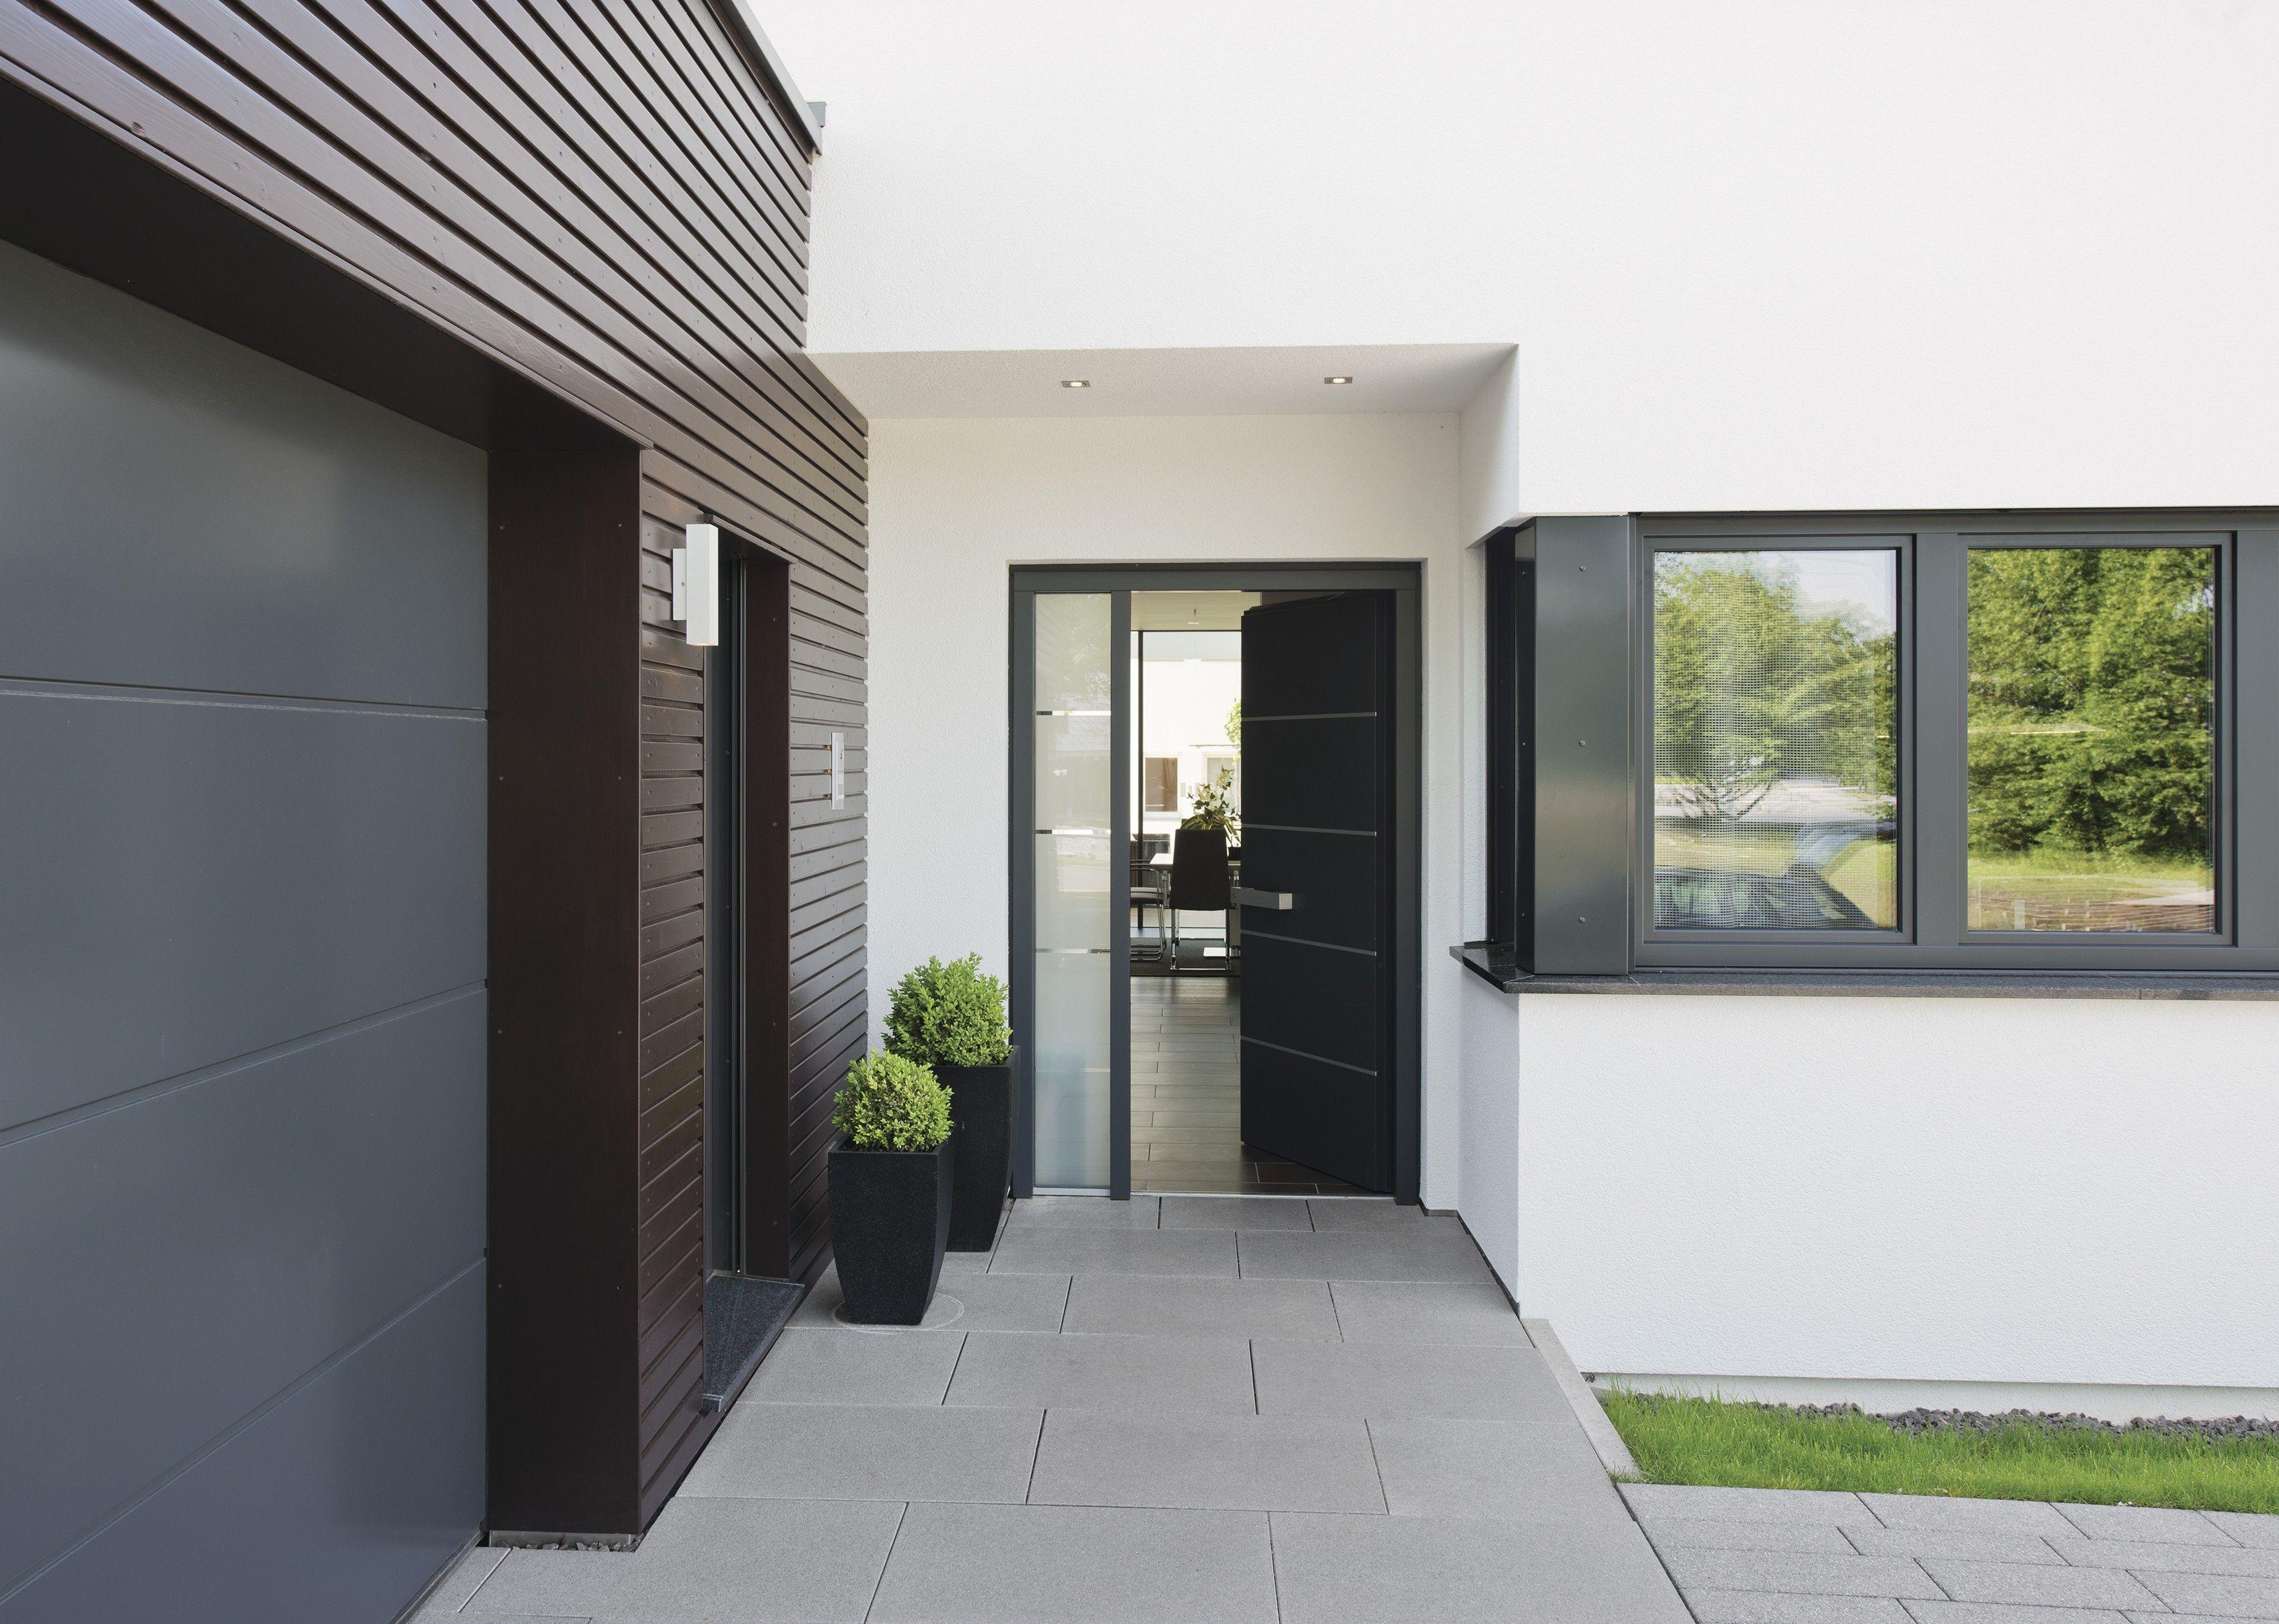 weberhaus fertigbauweise fertighaus holzbauweise wohnen bauen alles rund ums haus. Black Bedroom Furniture Sets. Home Design Ideas